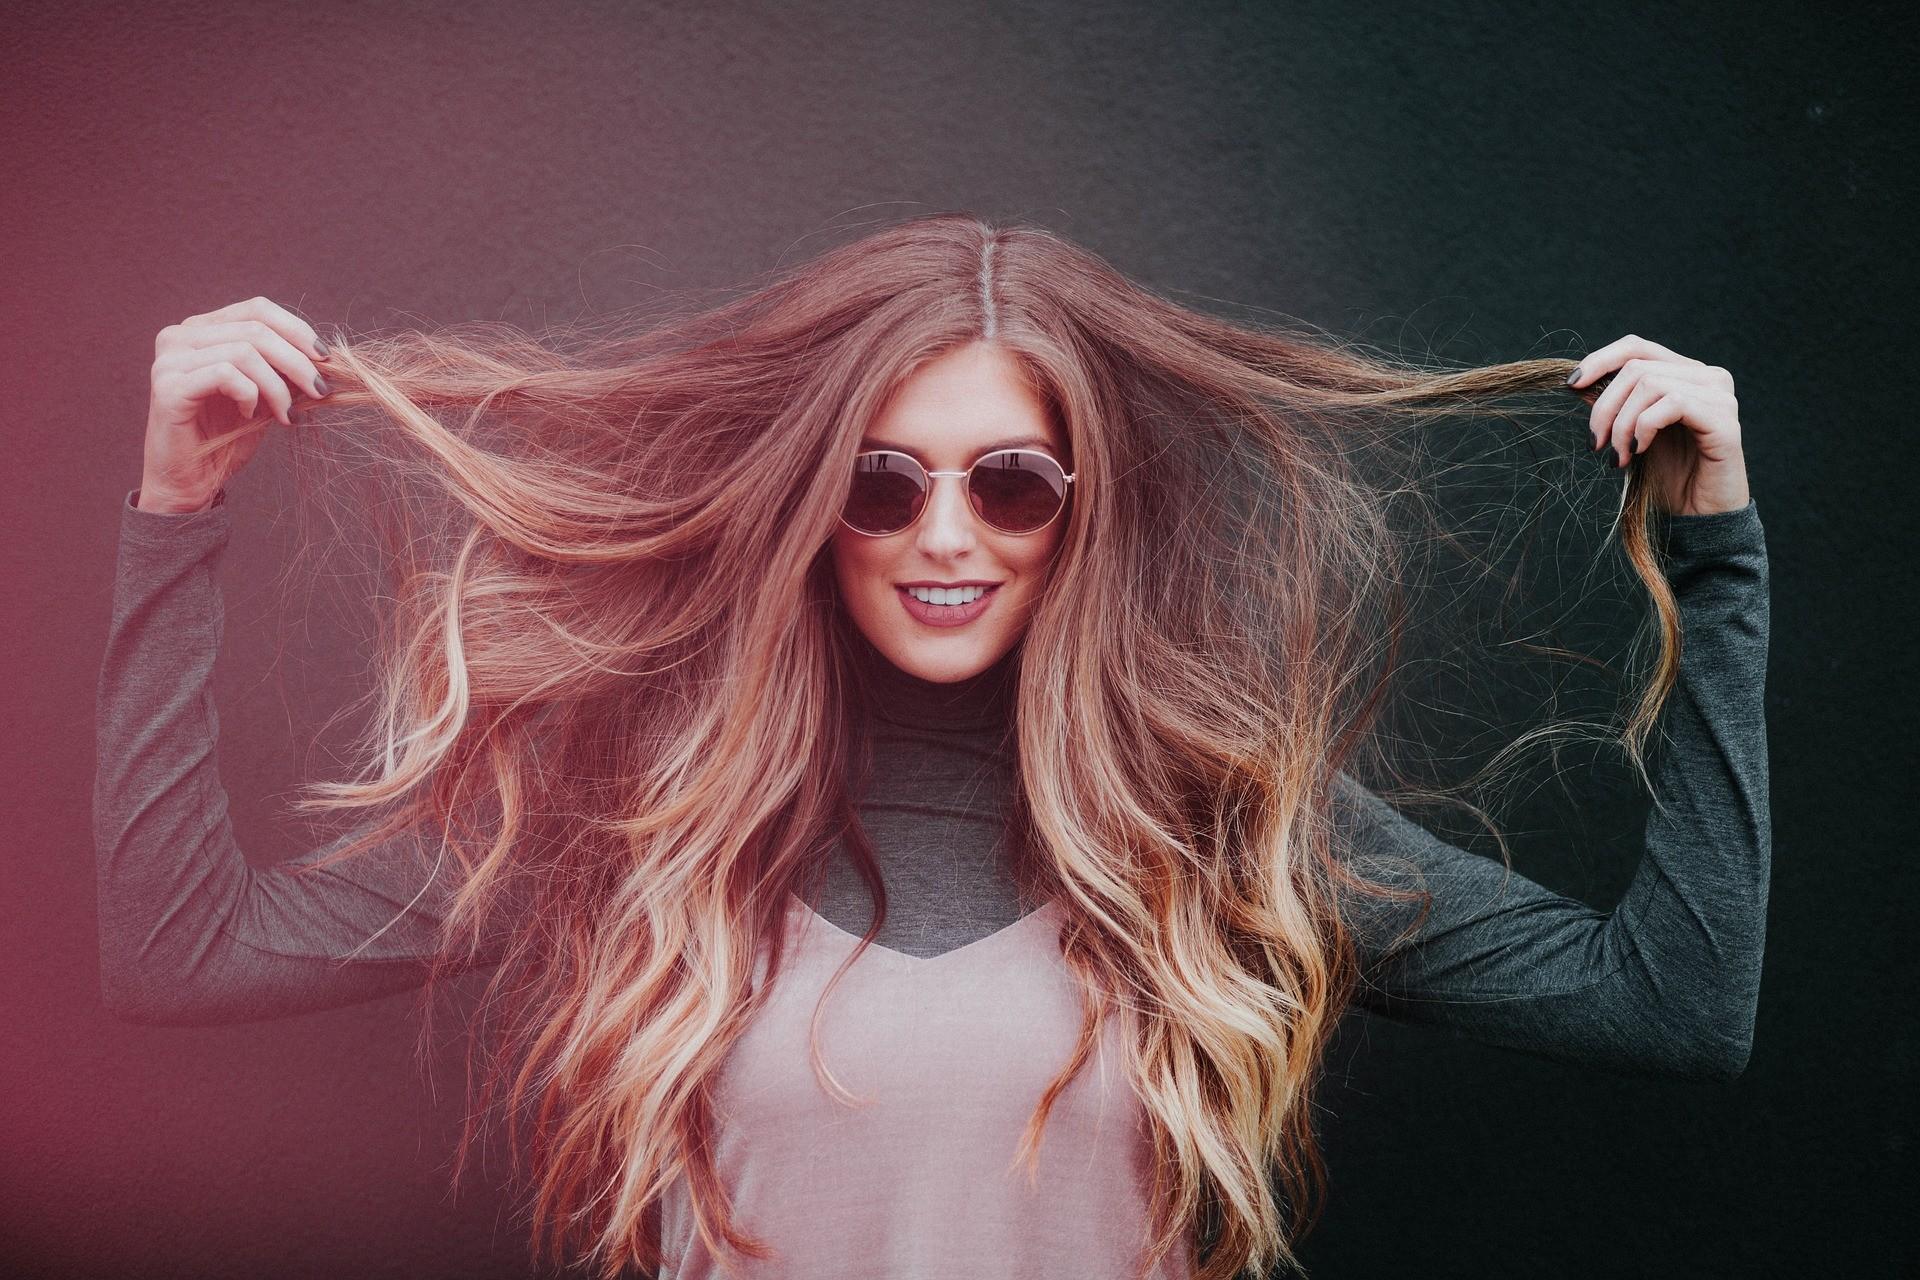 Как за лето отрастить волосы: 9 трюков для плюс 15 сантиметров